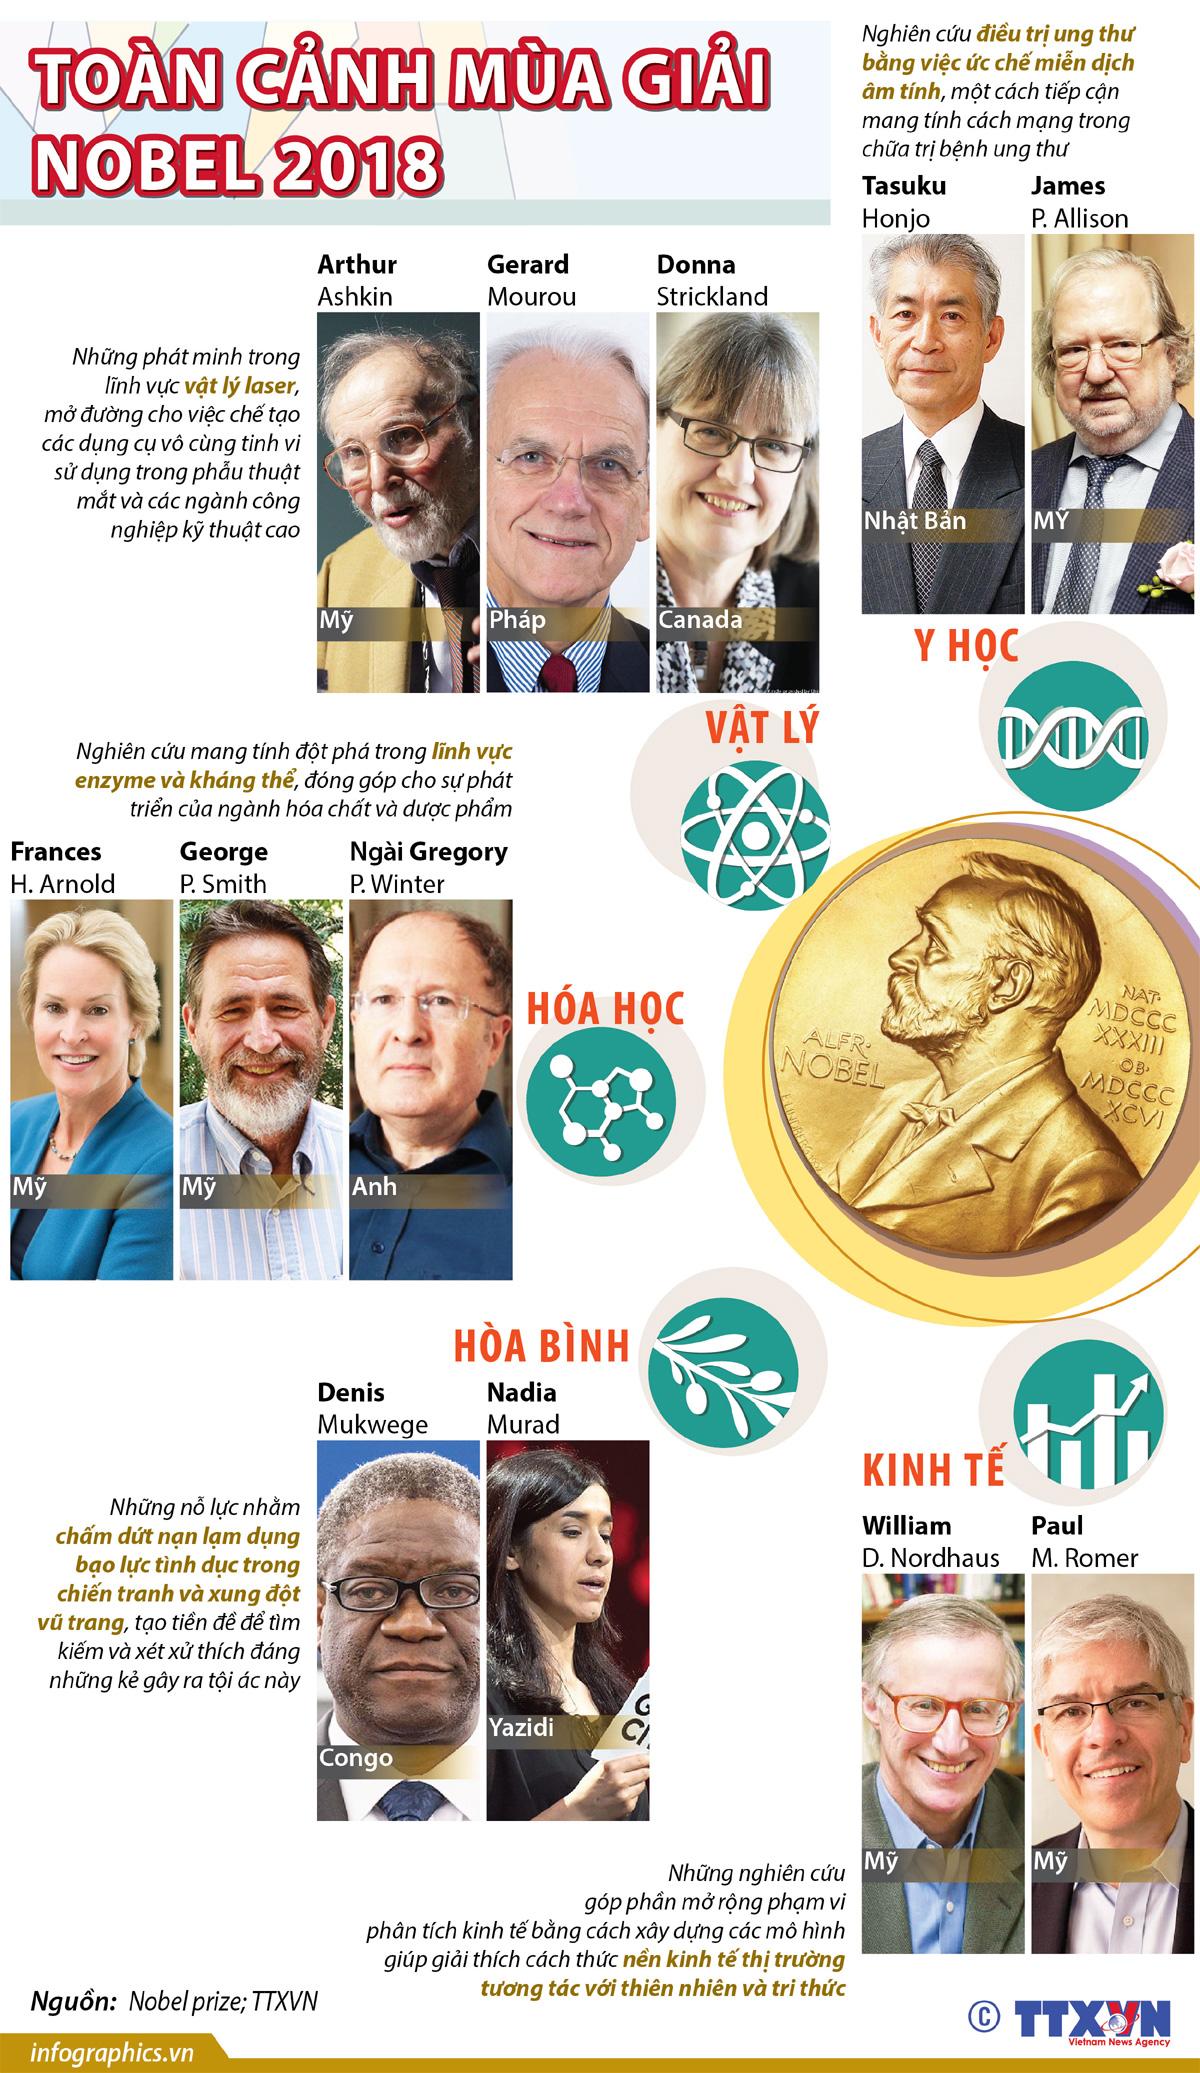 Nobel Y học, Nobel Vật lý, Nobel Hóa học, Nobel Kinh tế, Nobel Hòa bình